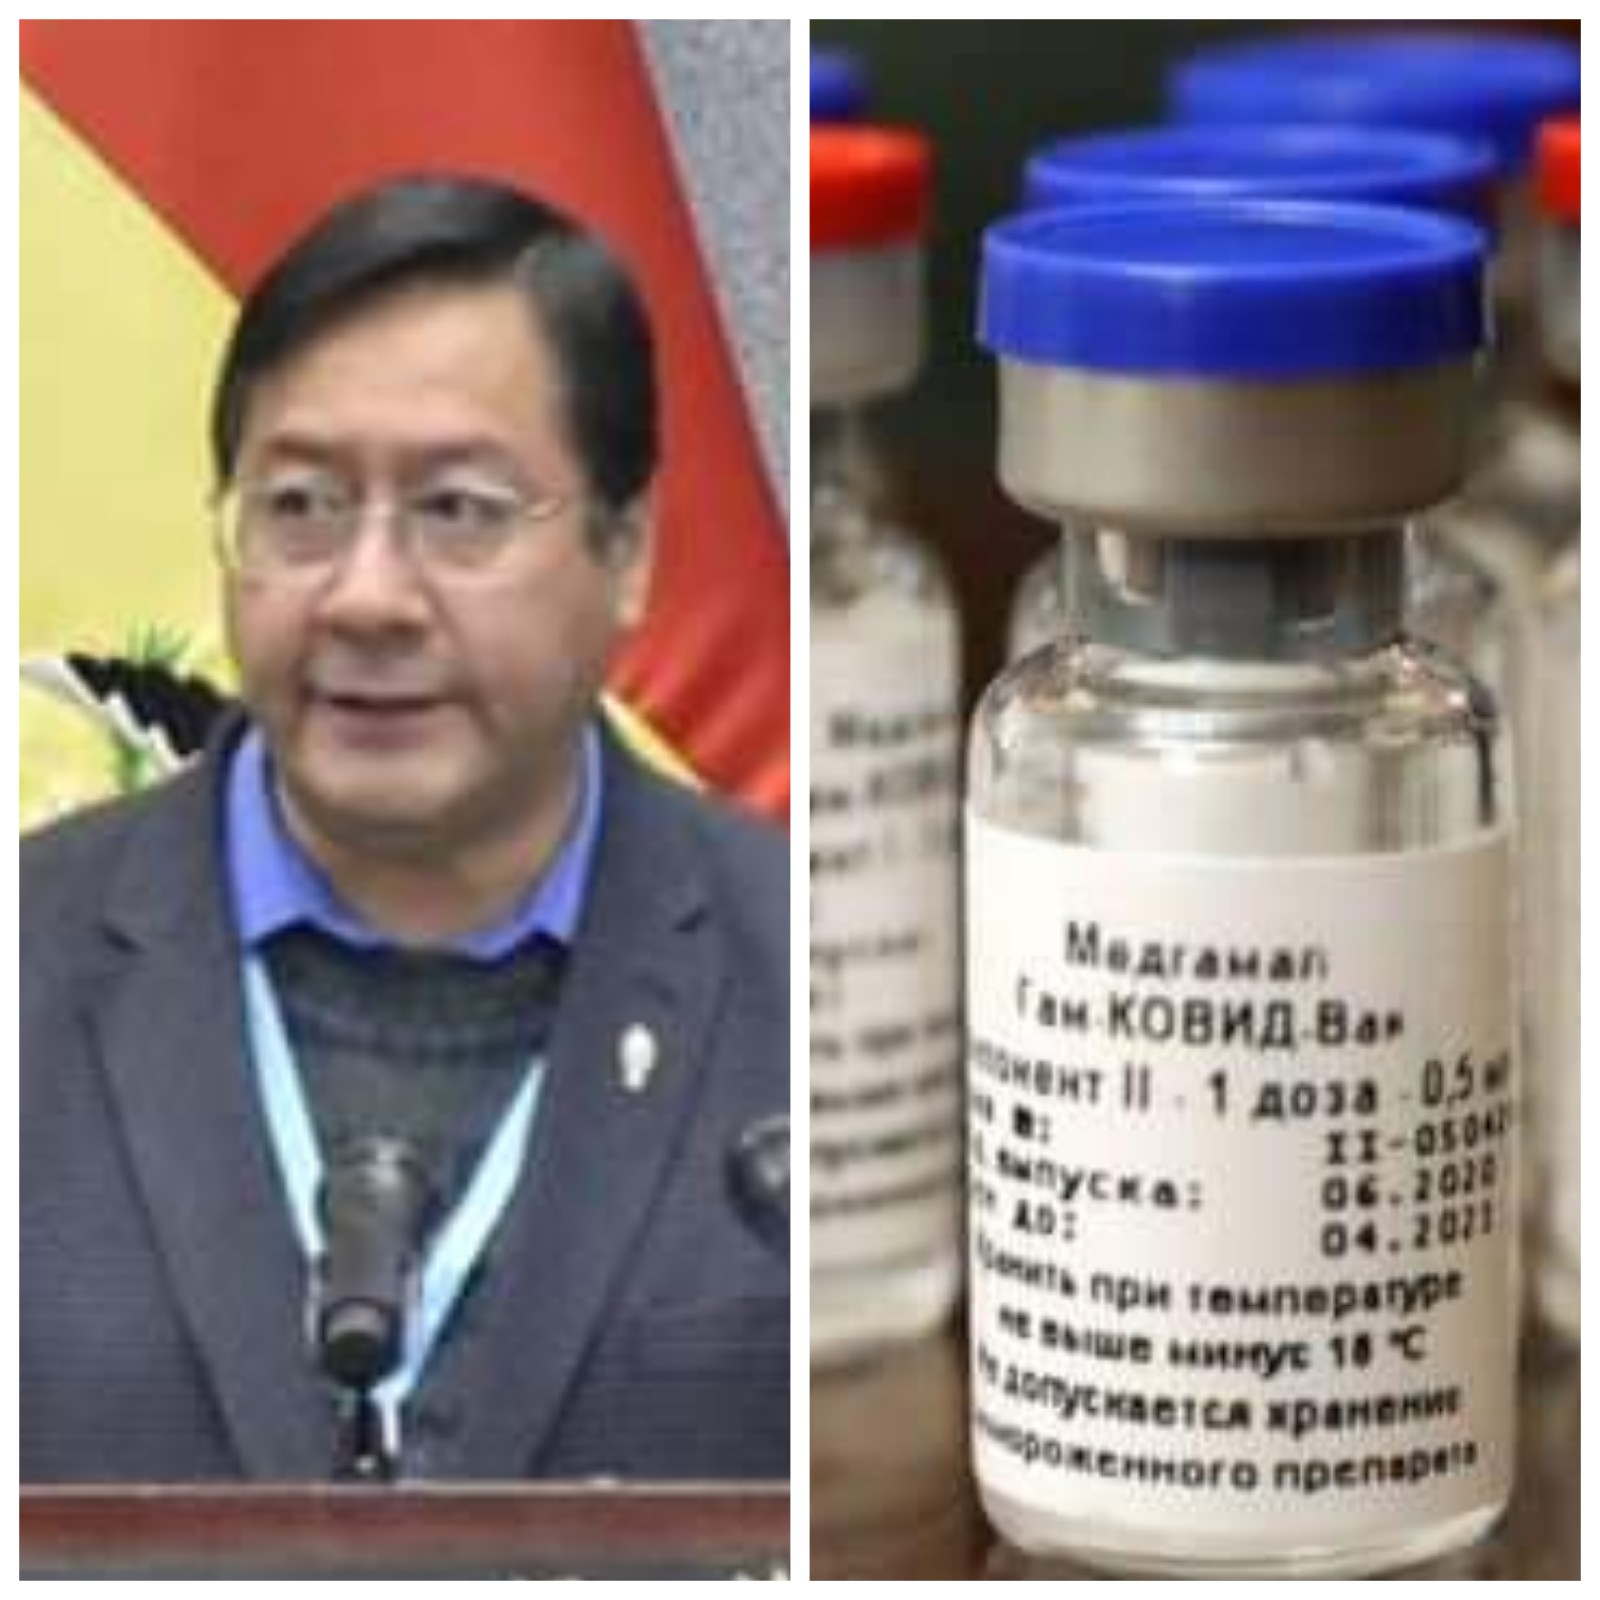 El Presidente Luis Arce Catacora confirma que la vacuna sputnik V, con mayor eficacia en el mundo llegará al país para distribuir gratuitamente